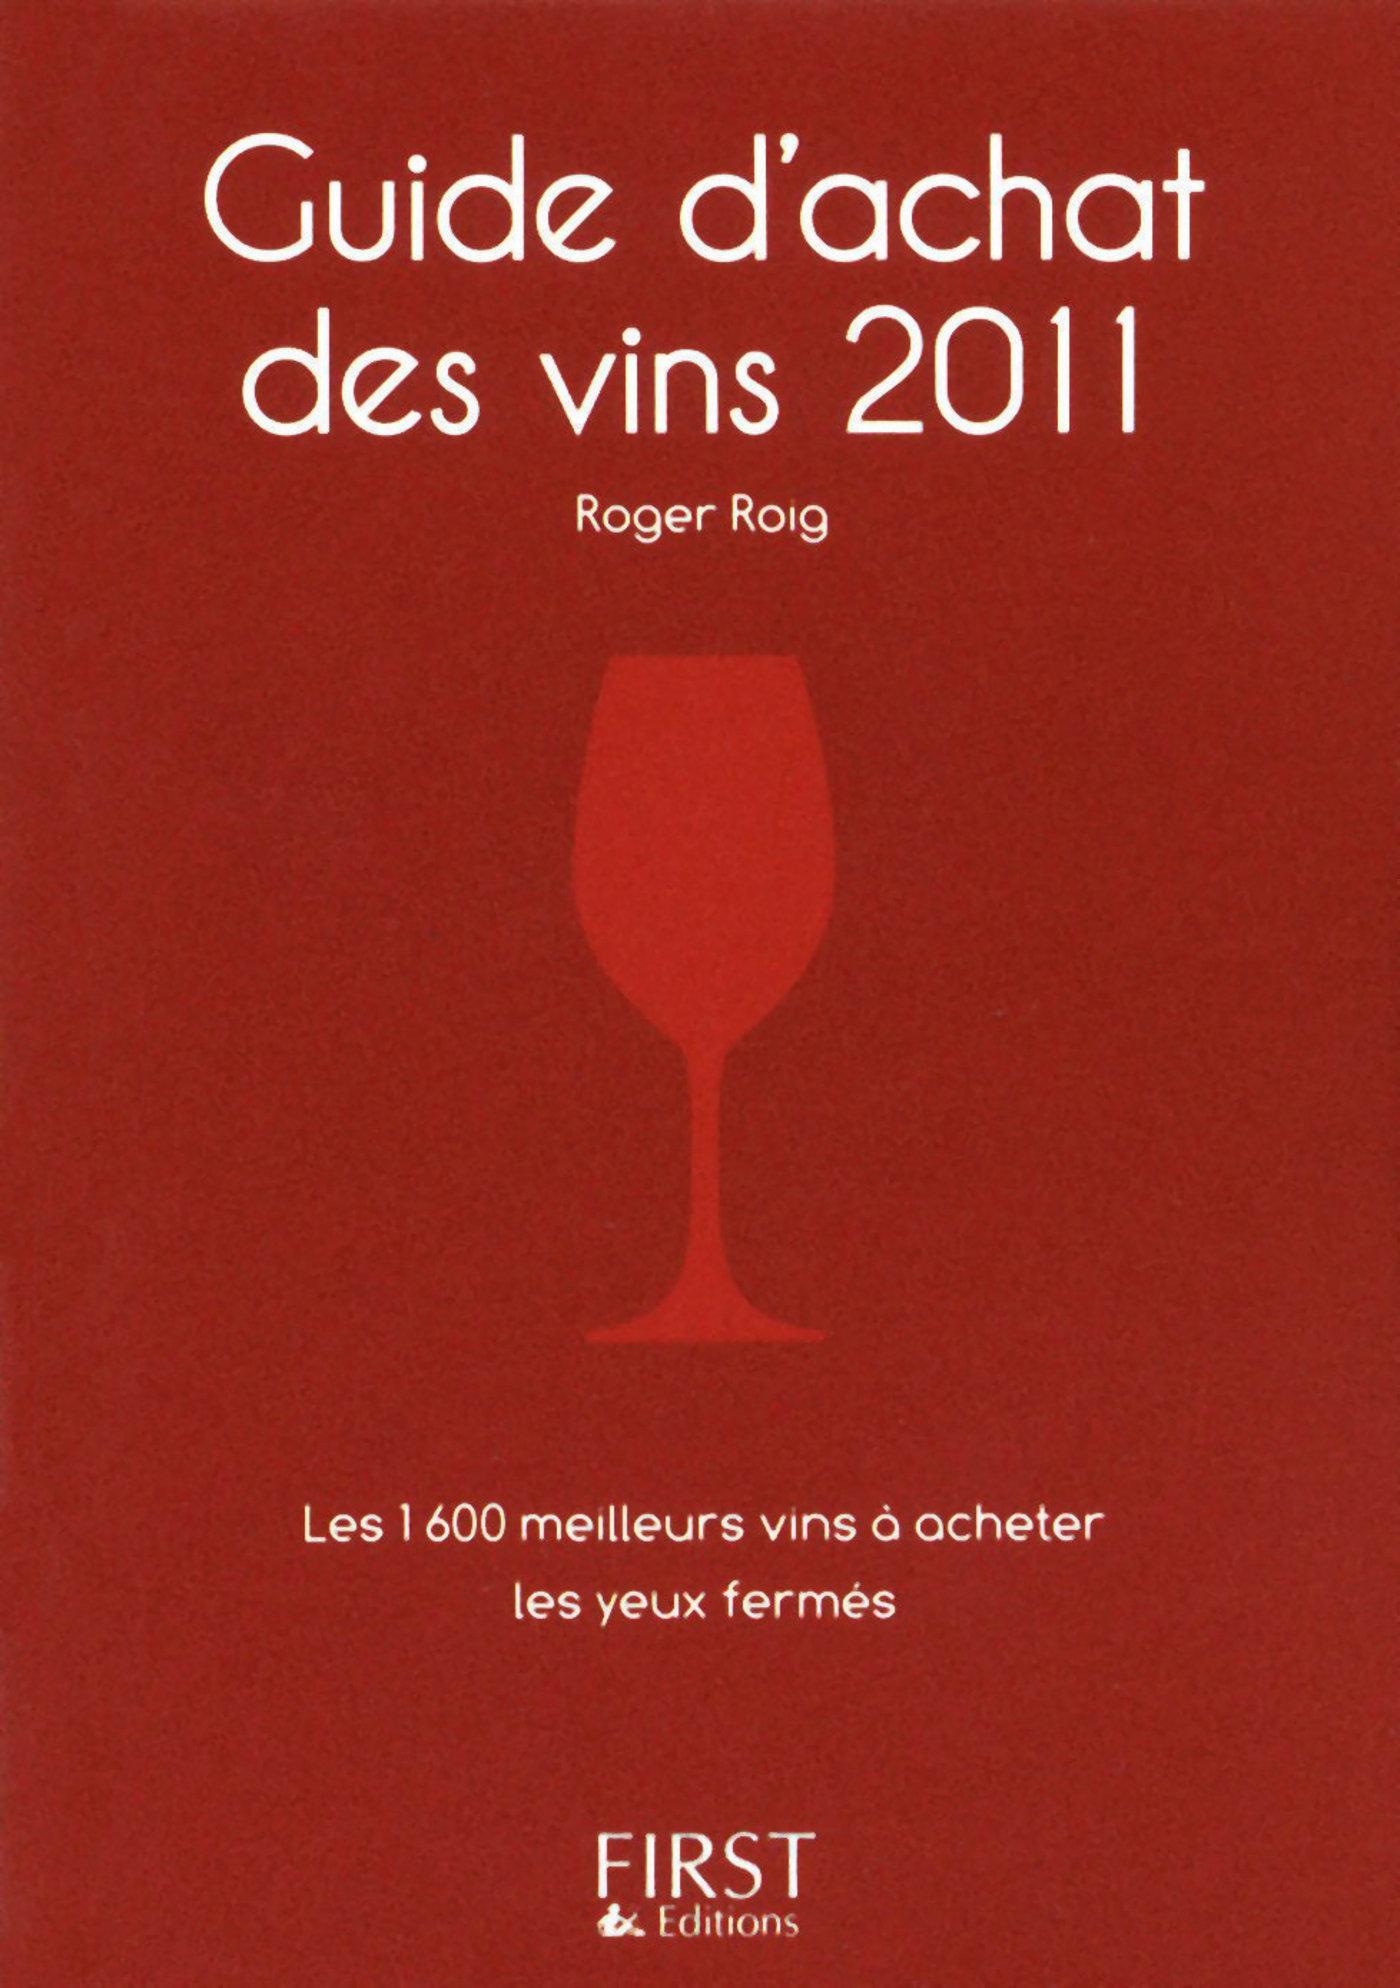 Le Petit Livre de - Guide d'achat des vins 2010